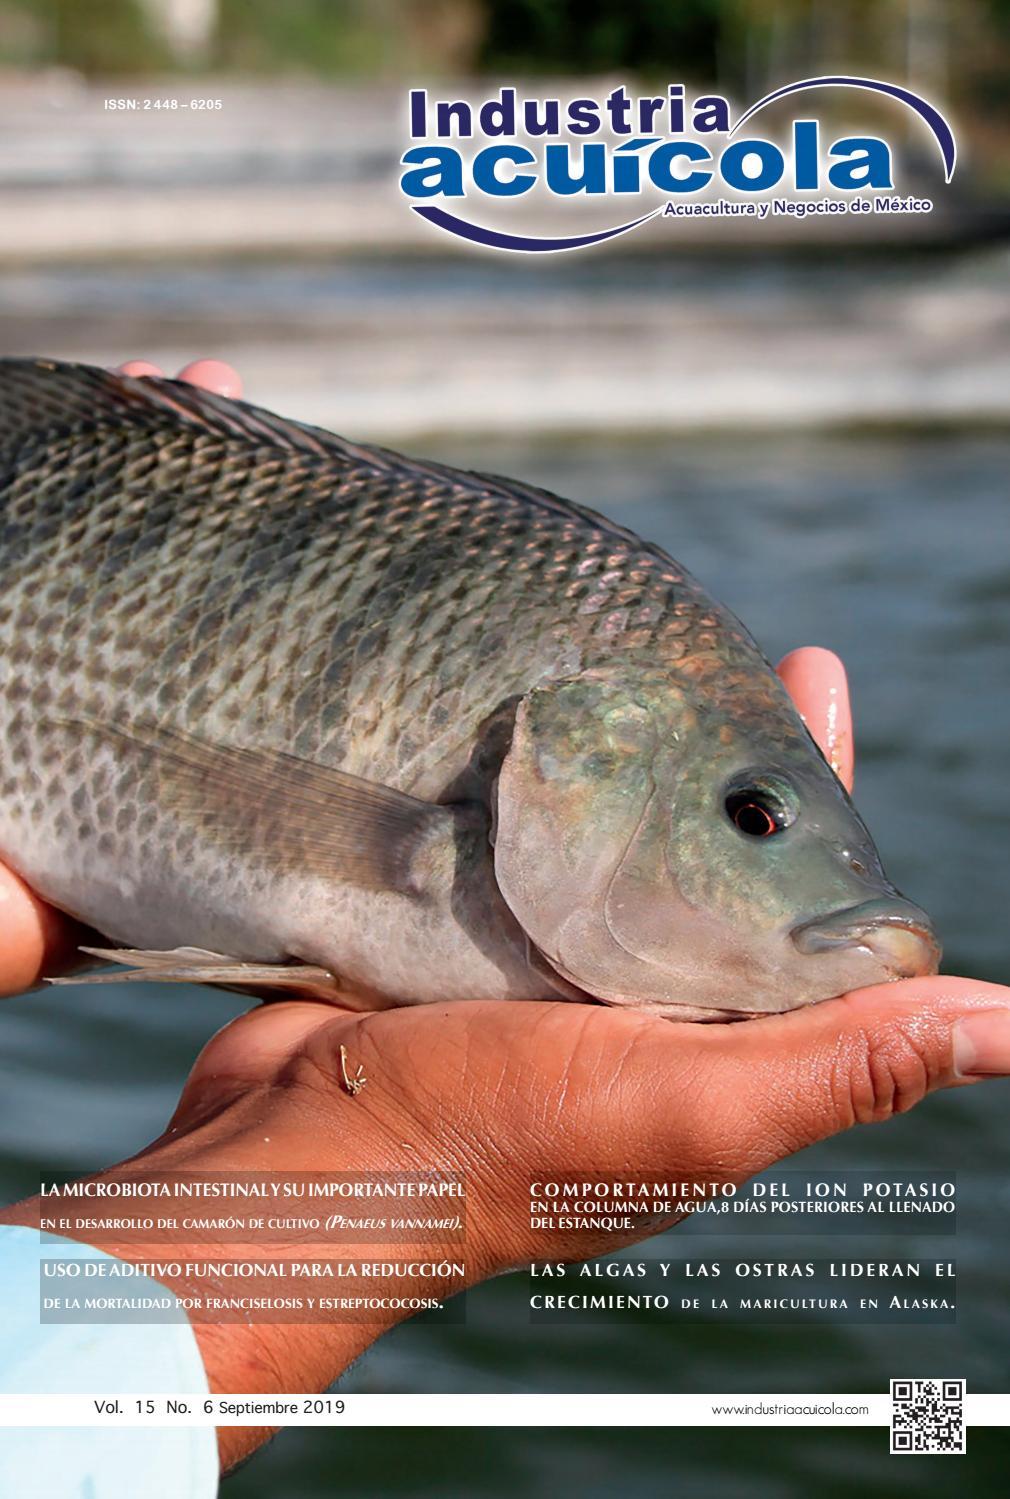 ¿Hay parásitos en el estanque de Tecops Springs?